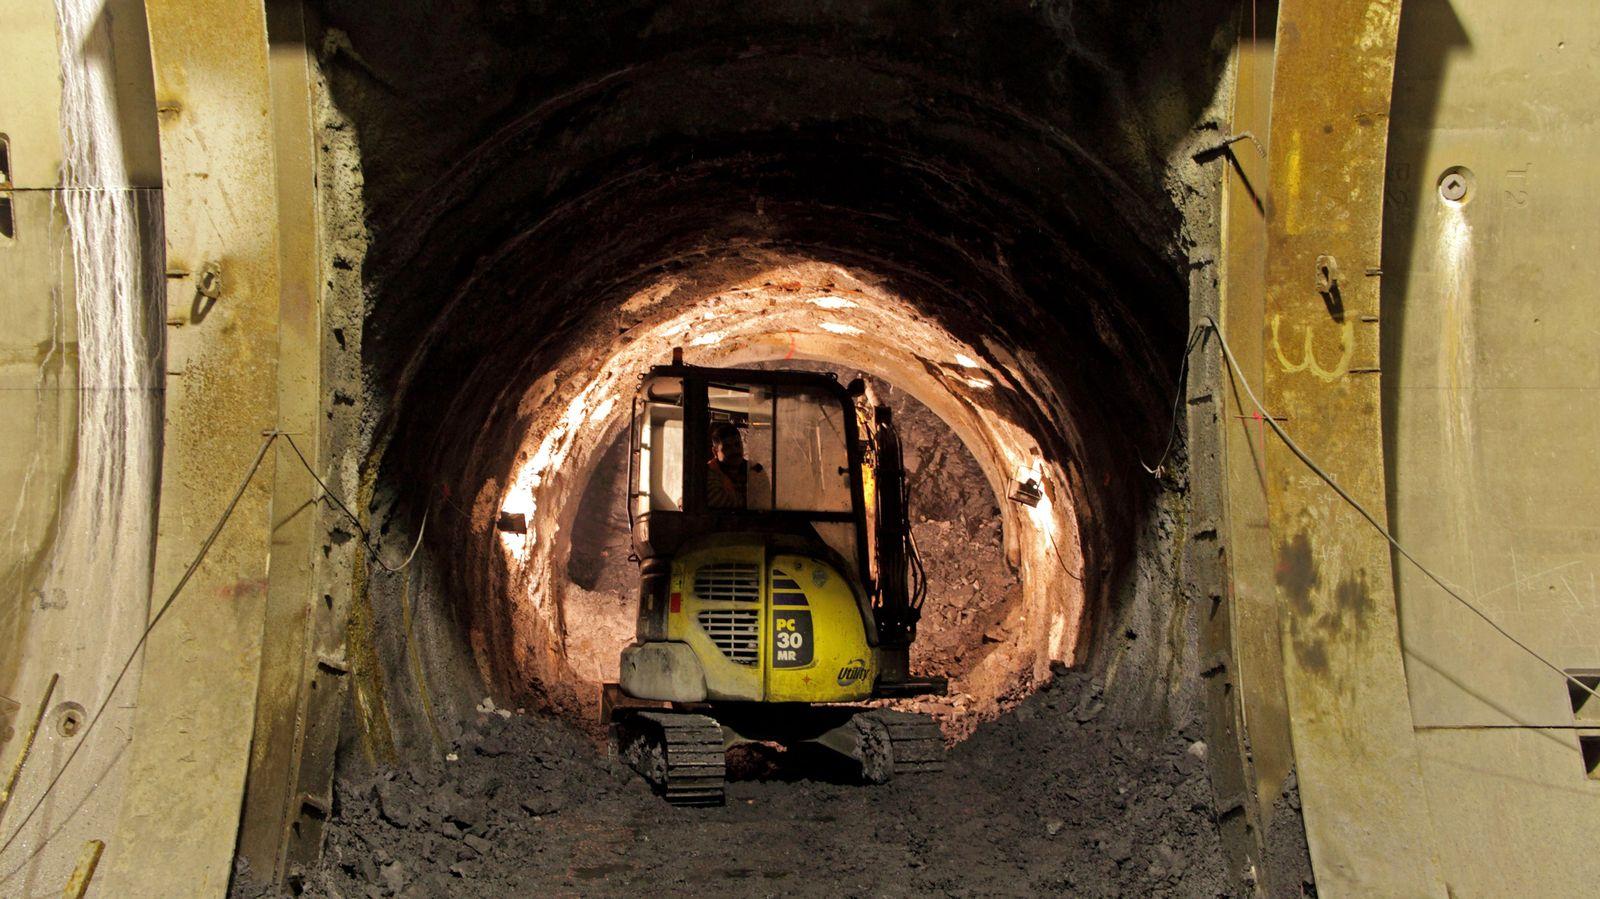 Türkei / Marmaray Bosphorus tunnel project